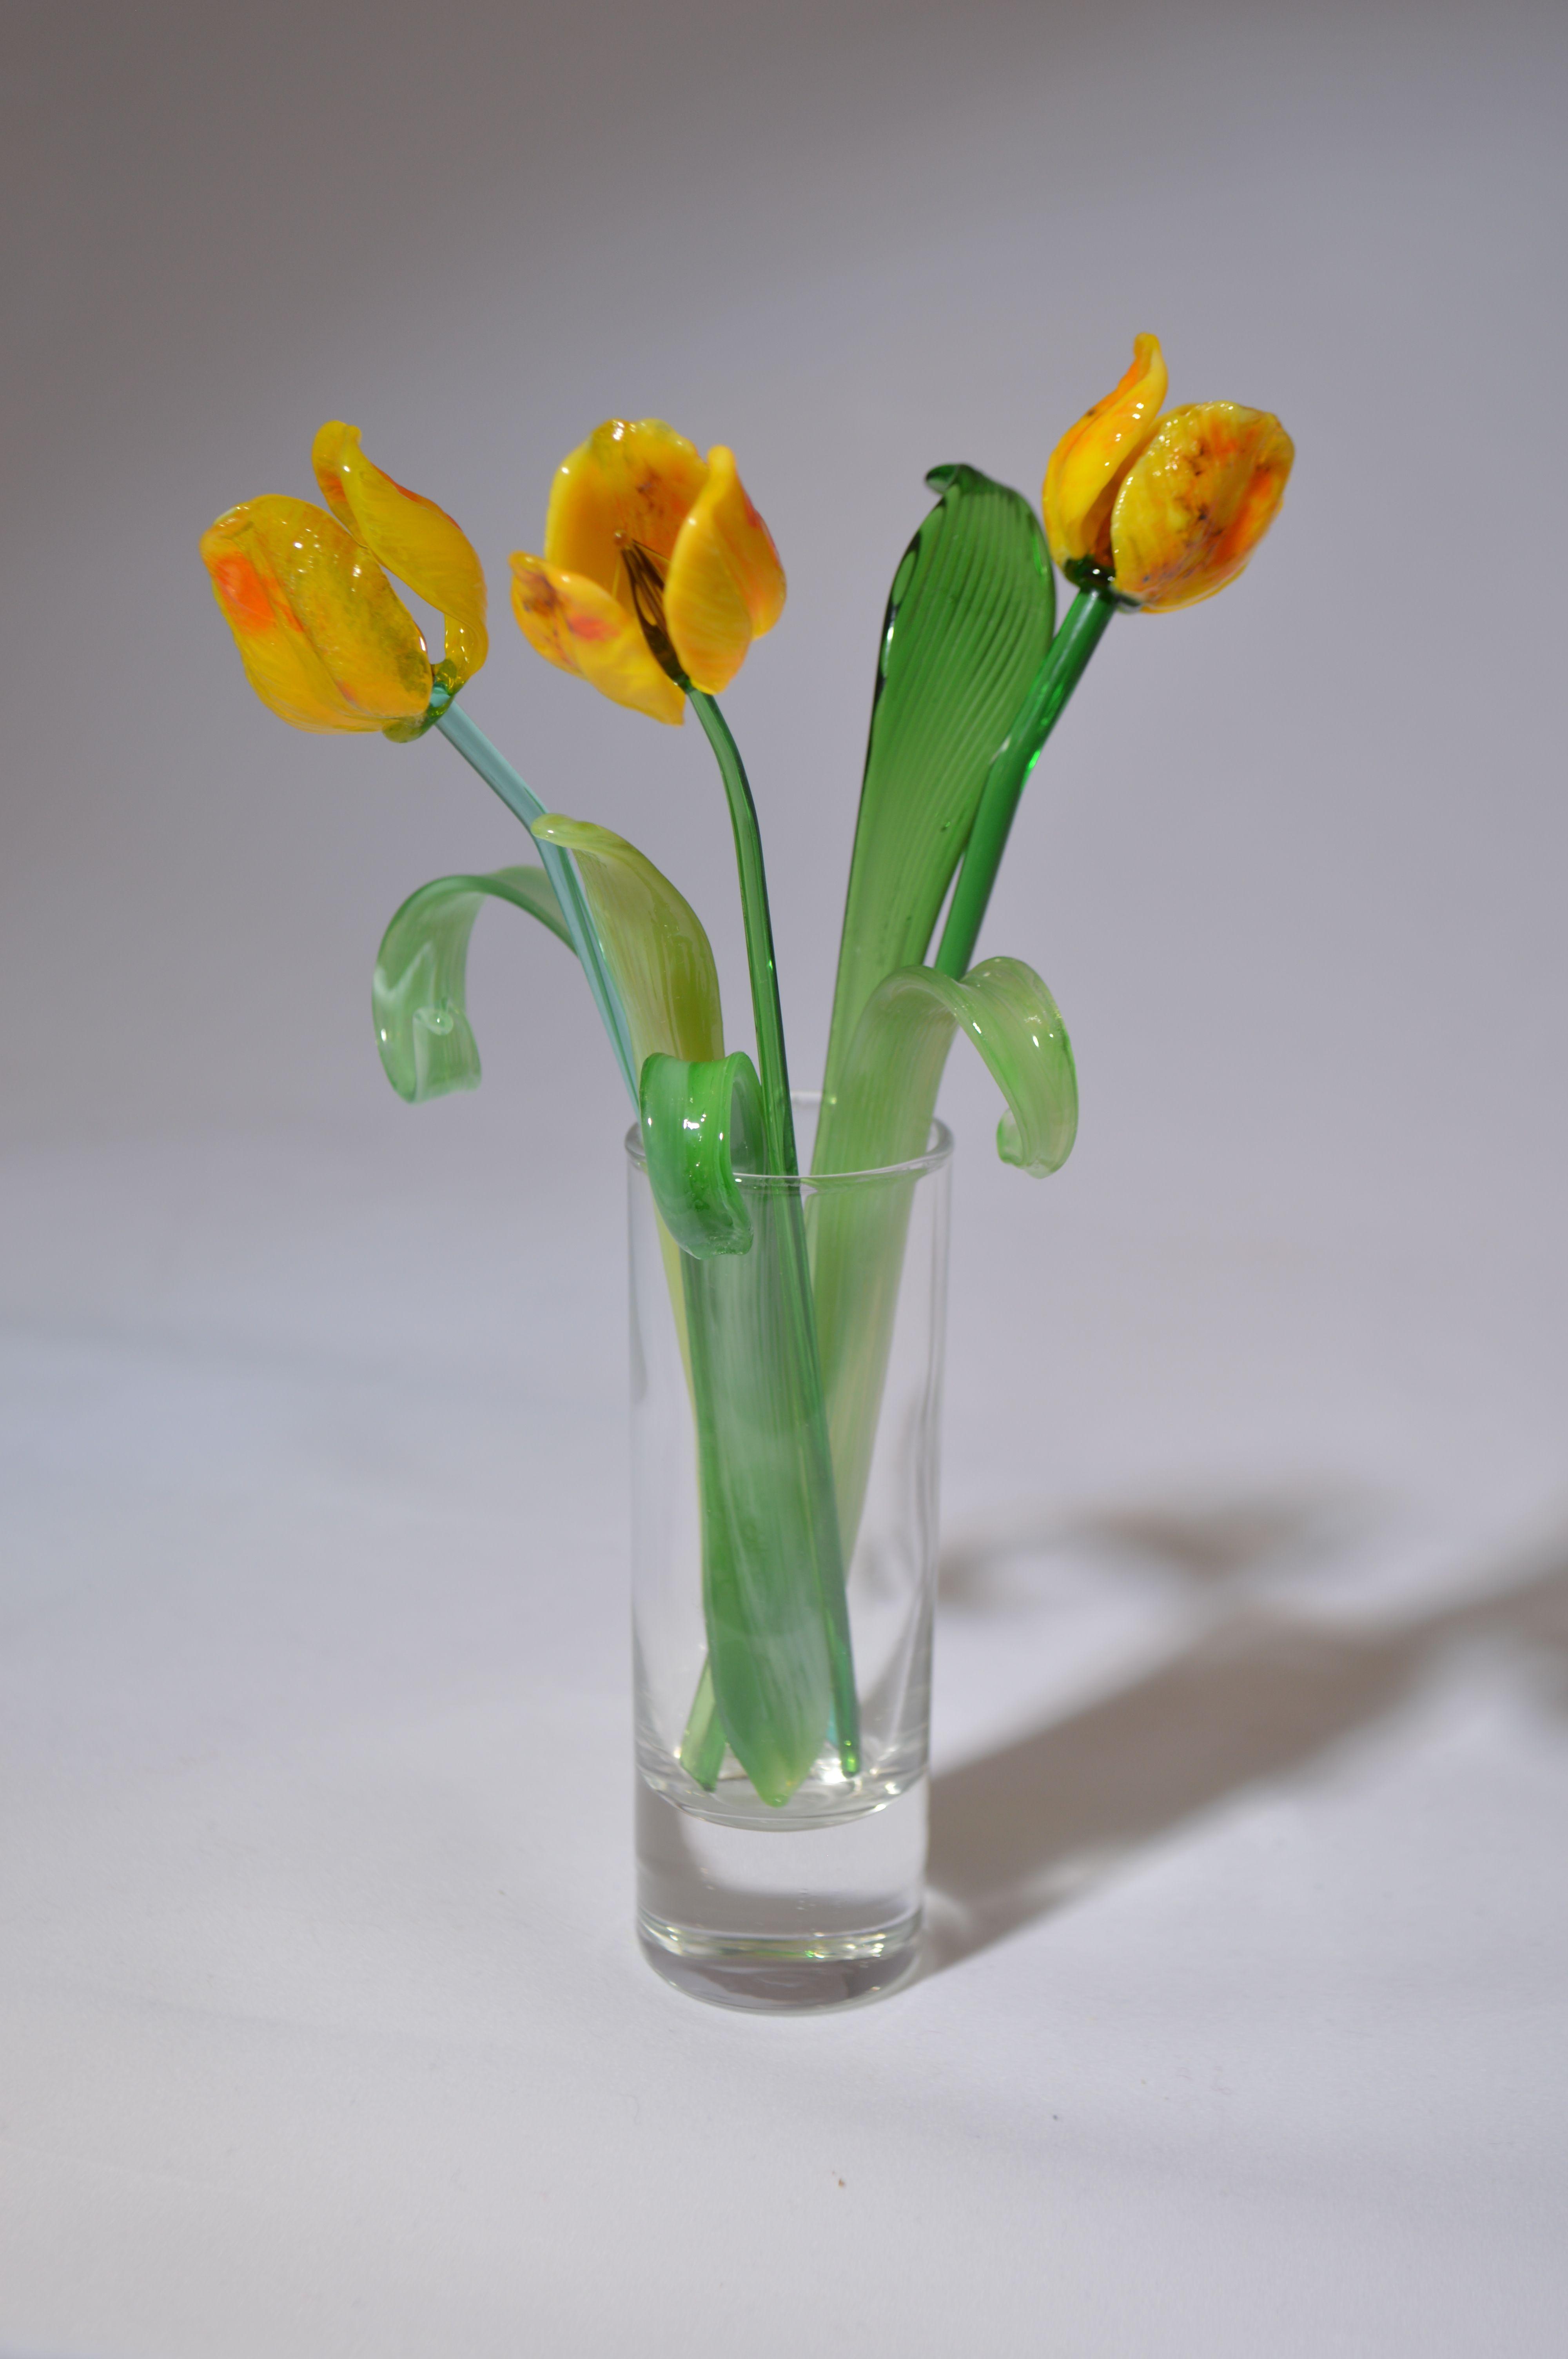 Букет из трех желтых тюльпанов в вазочке, цветное стекло от Ravta